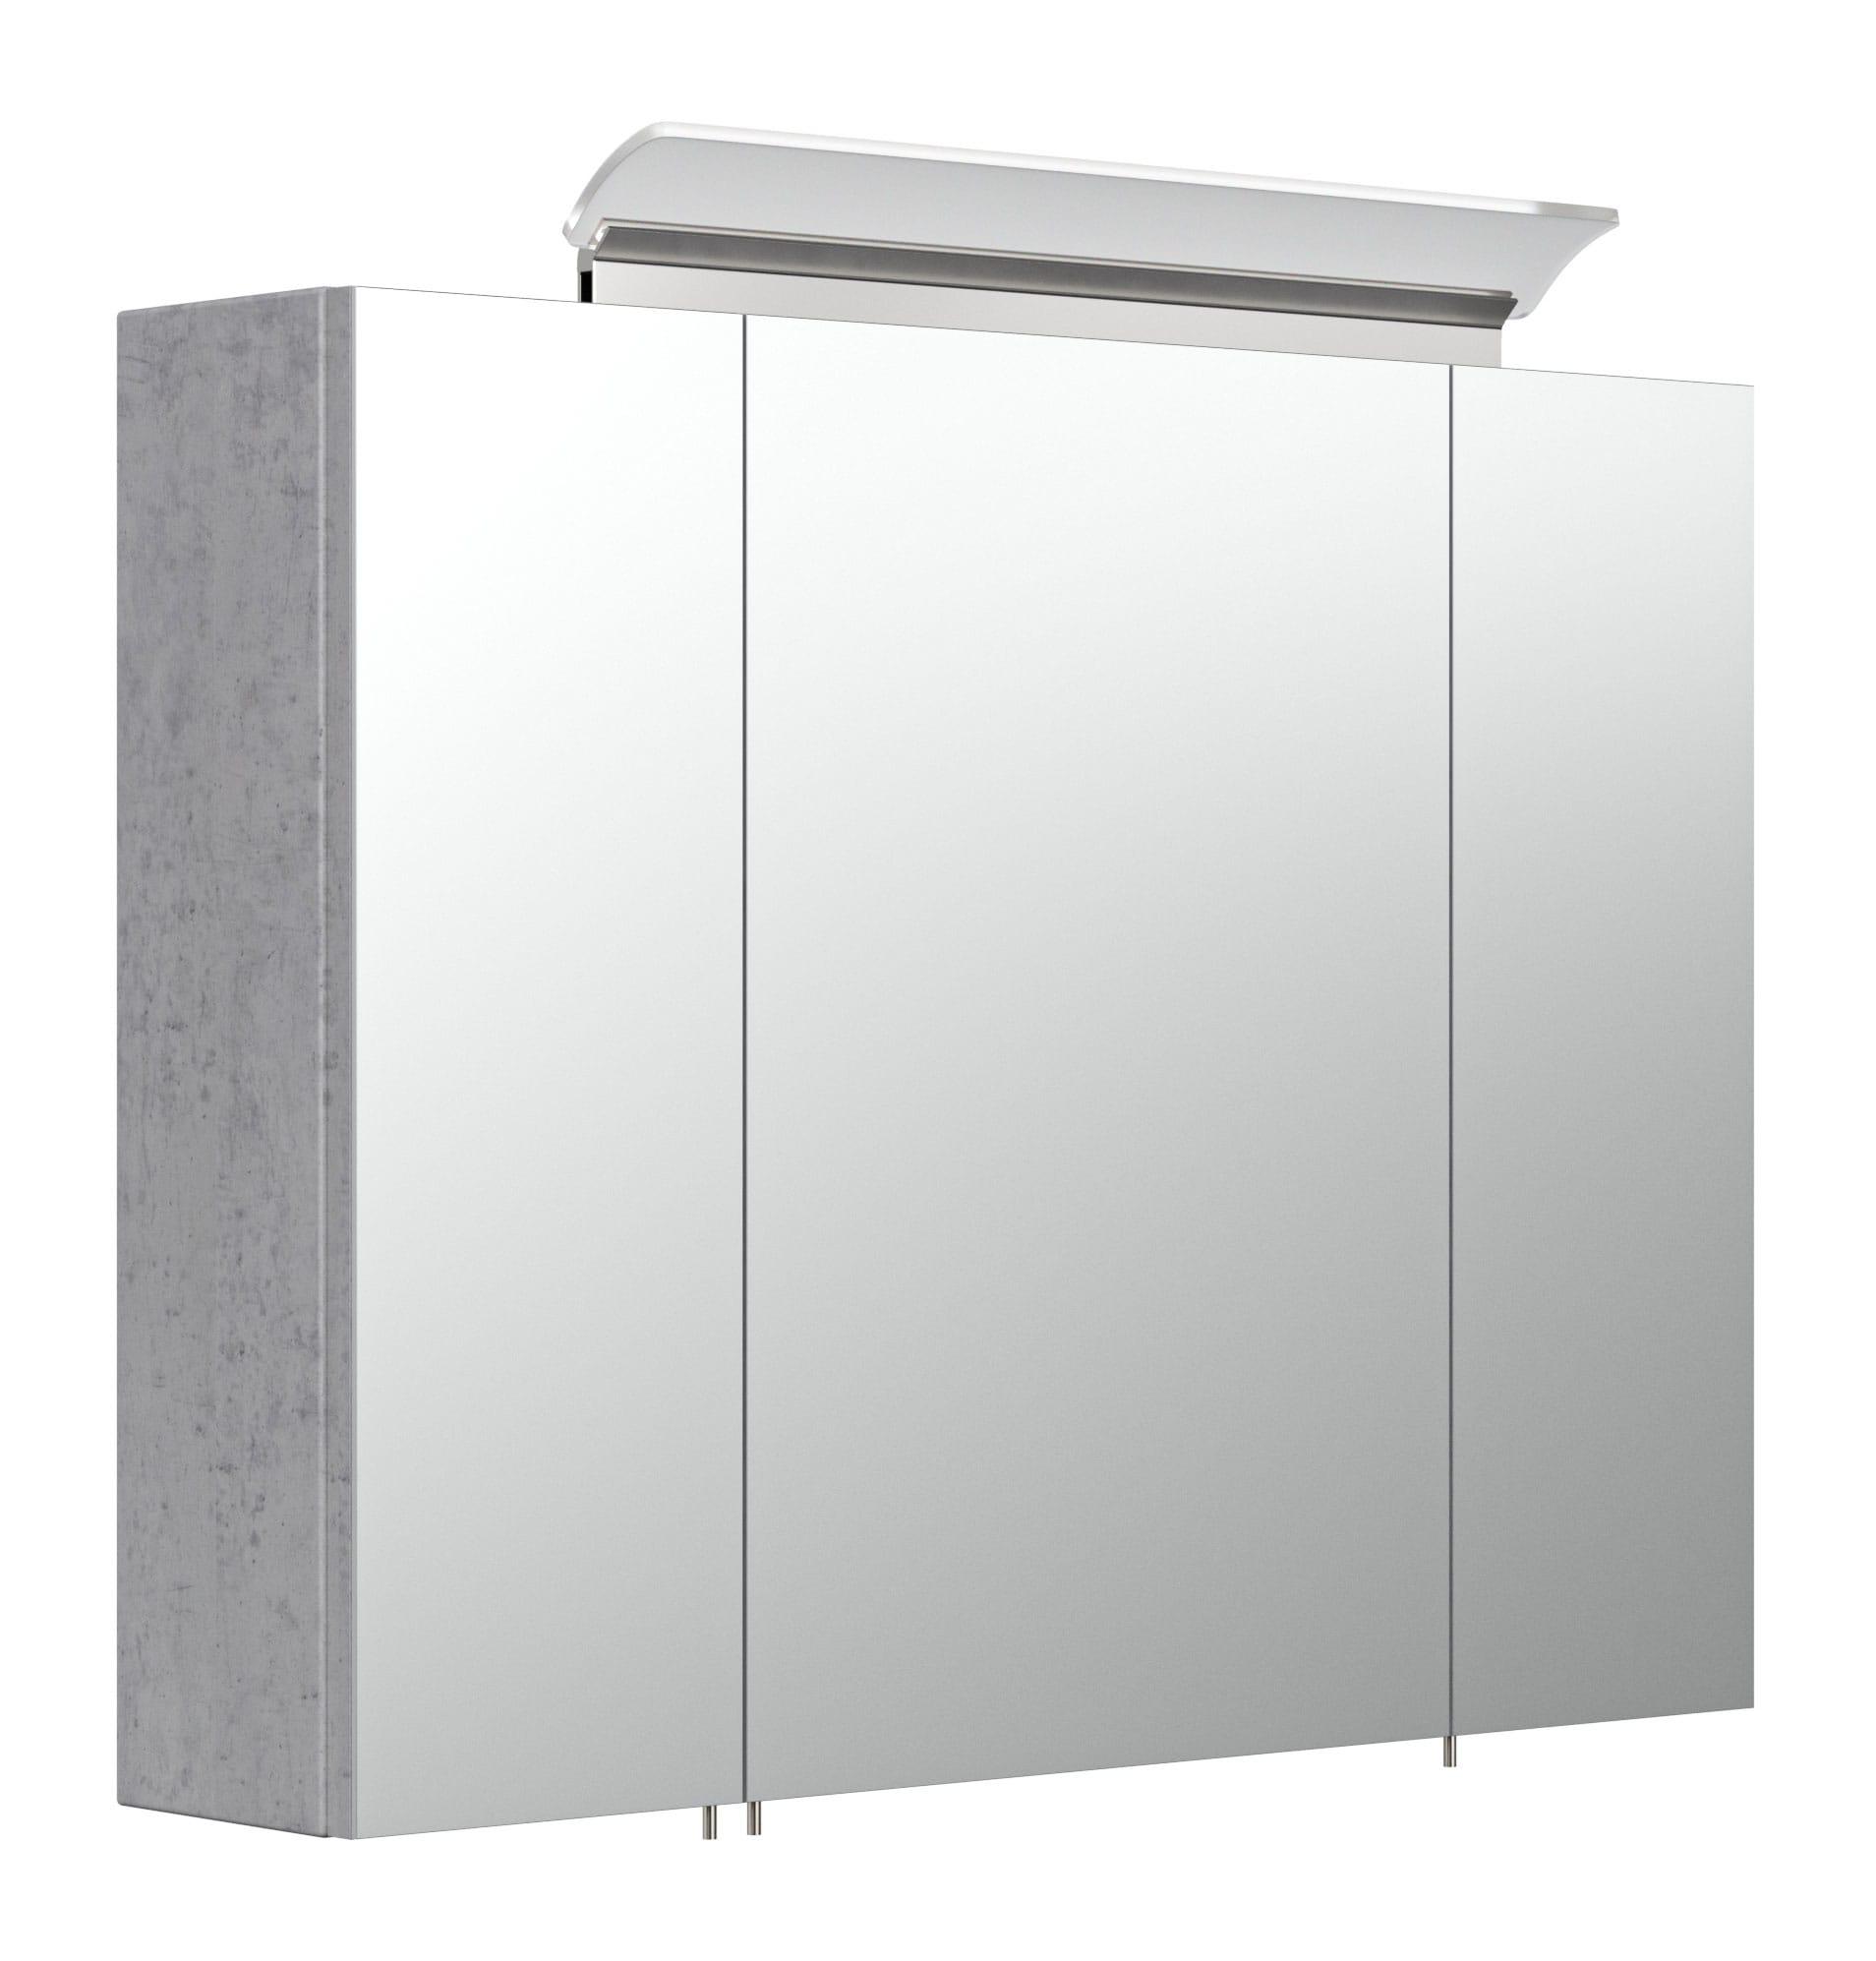 Saniclear Rocky 80cm spiegelkast met design LED verlichting beton grijs